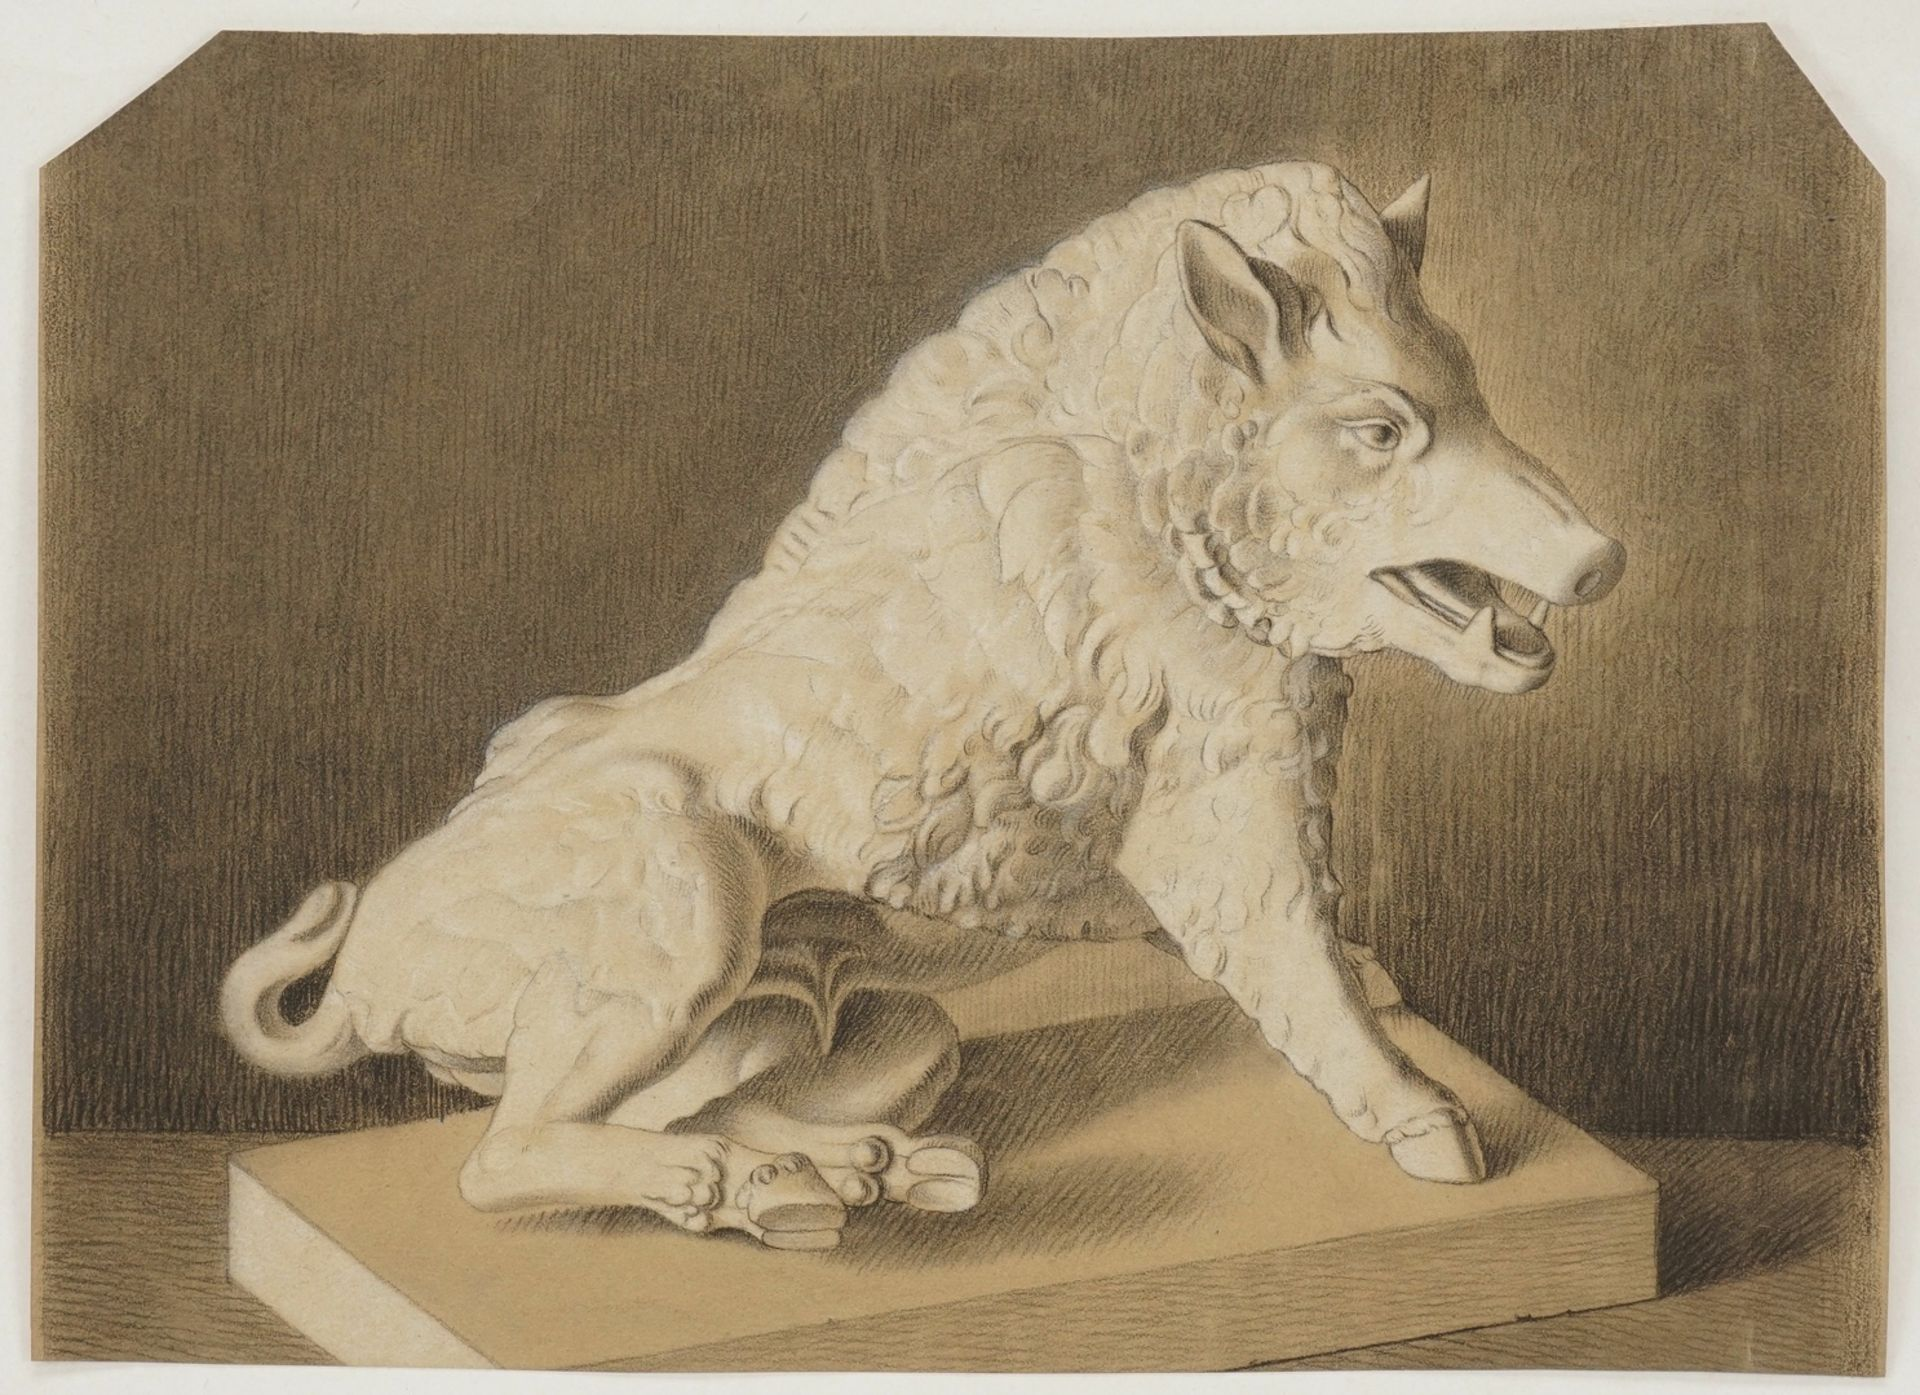 Fritz von Uhde, Studienblatt mit dem antiker Eber-Skulptur